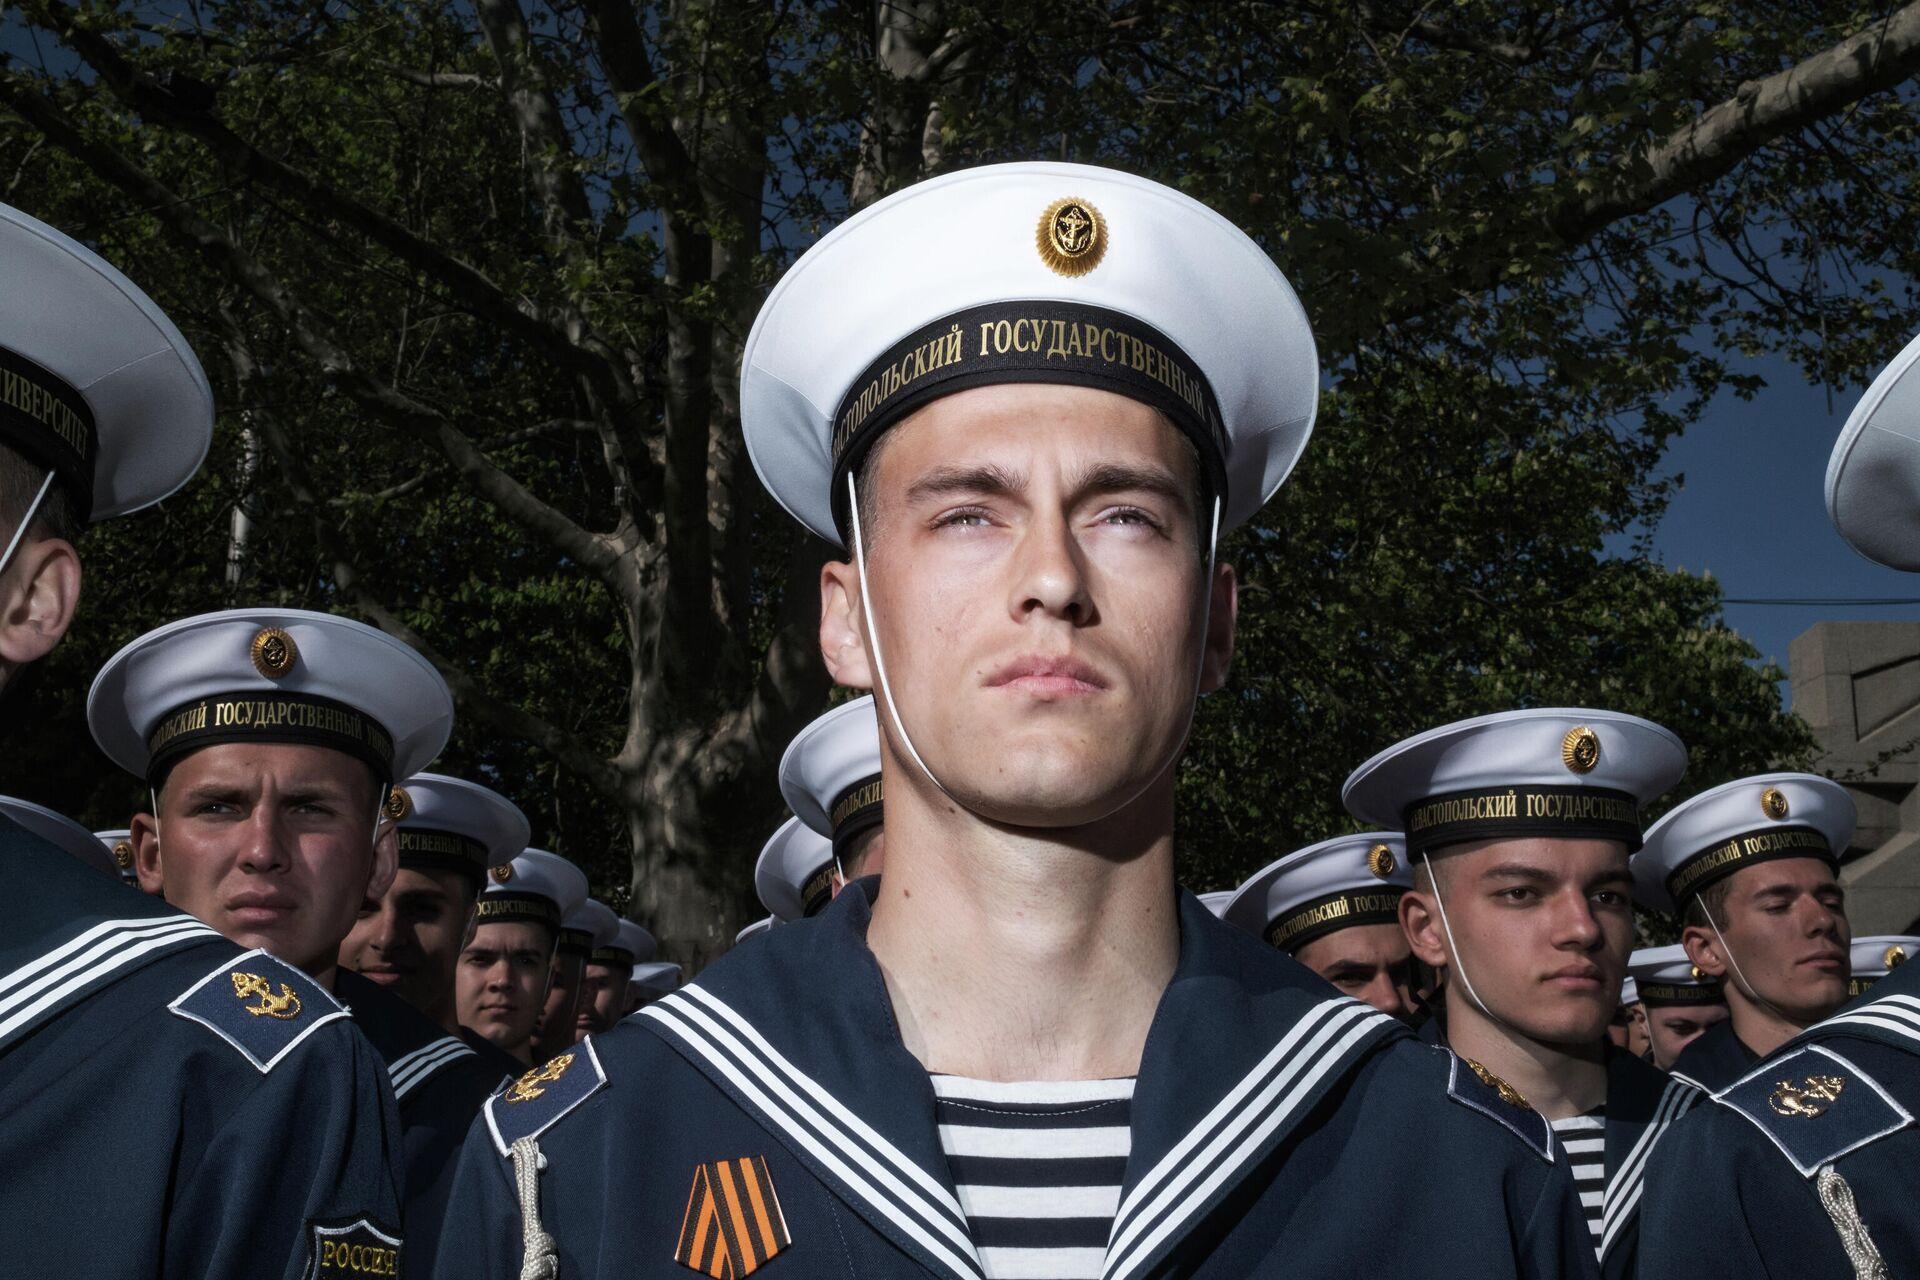 Военнослужащие перед началом военного парада в честь 76-й годовщины Победы в Великой Отечественной войне в Севастополе - РИА Новости, 1920, 21.06.2021